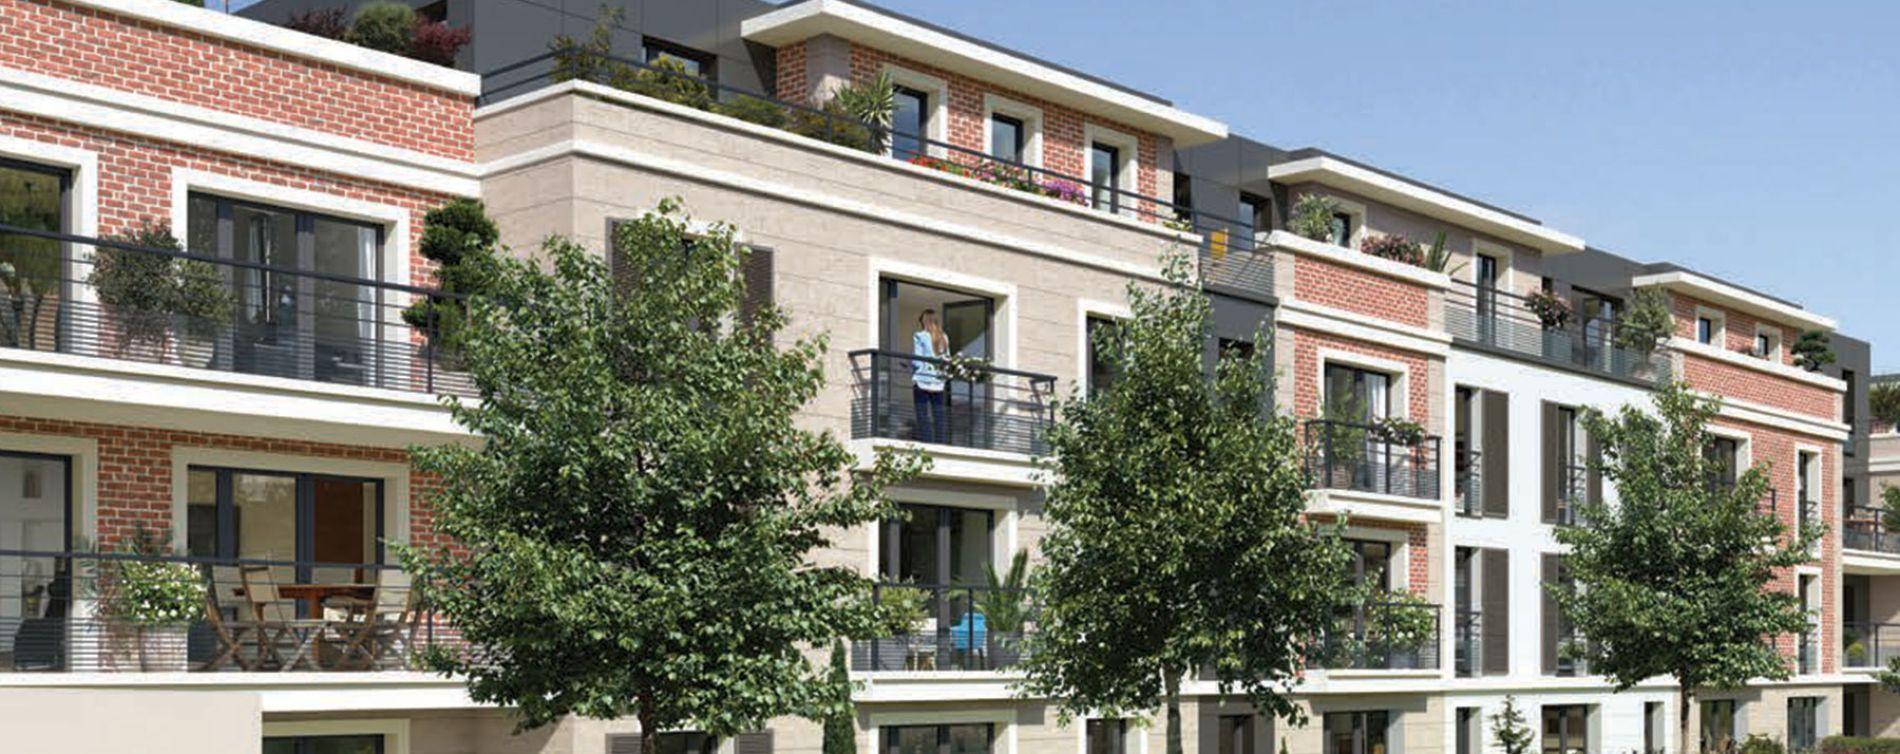 Résidence Villa Carnot à Croissy-sur-Seine